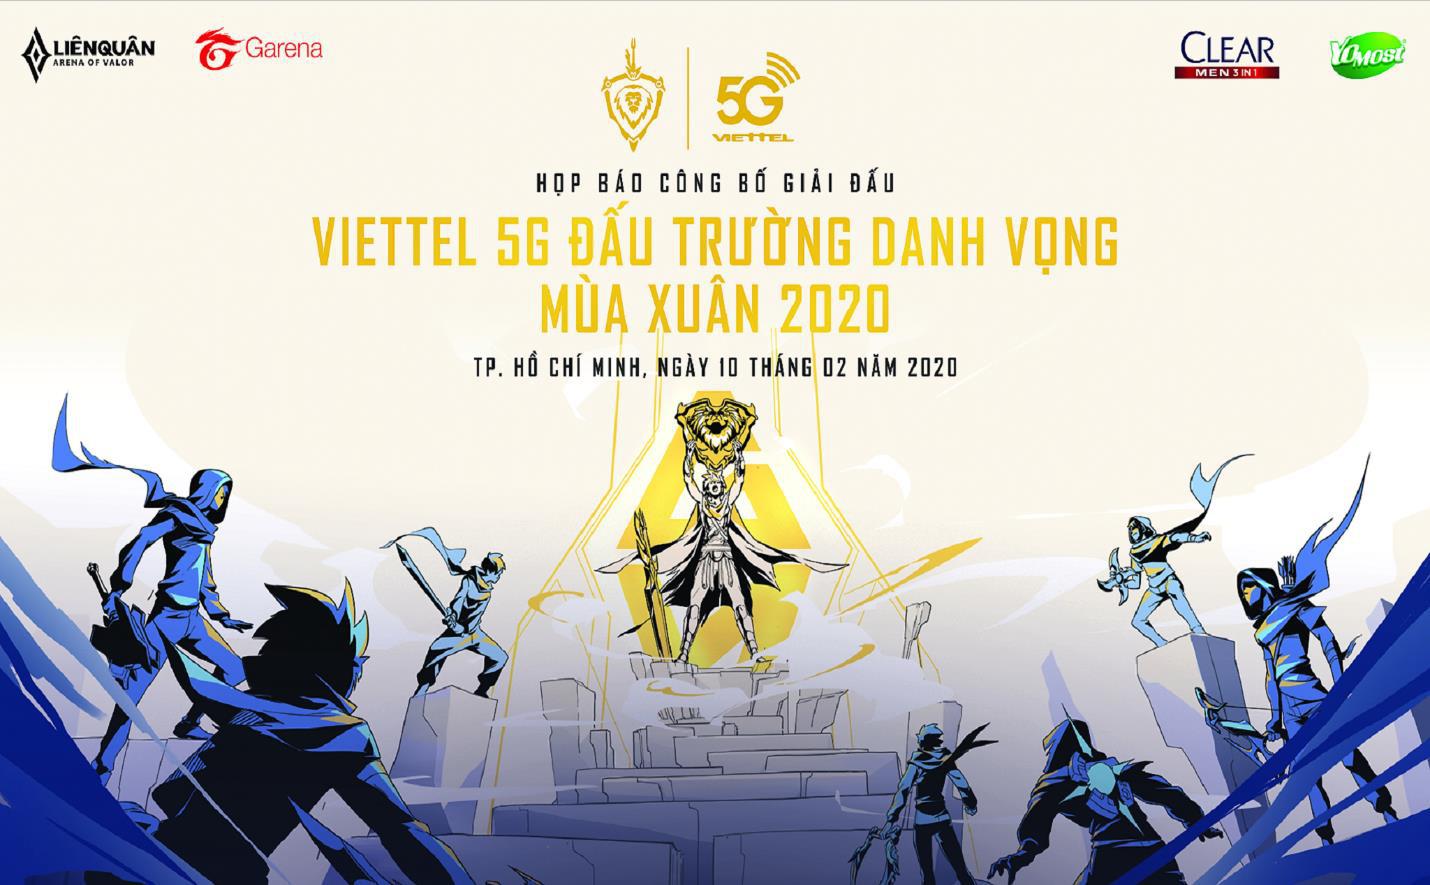 Công bố giải chuyên nghiệp Liên Quân Mobile Viettel 5G Đấu trường Danh vọng Mùa xuân 2020 - Ảnh 1.